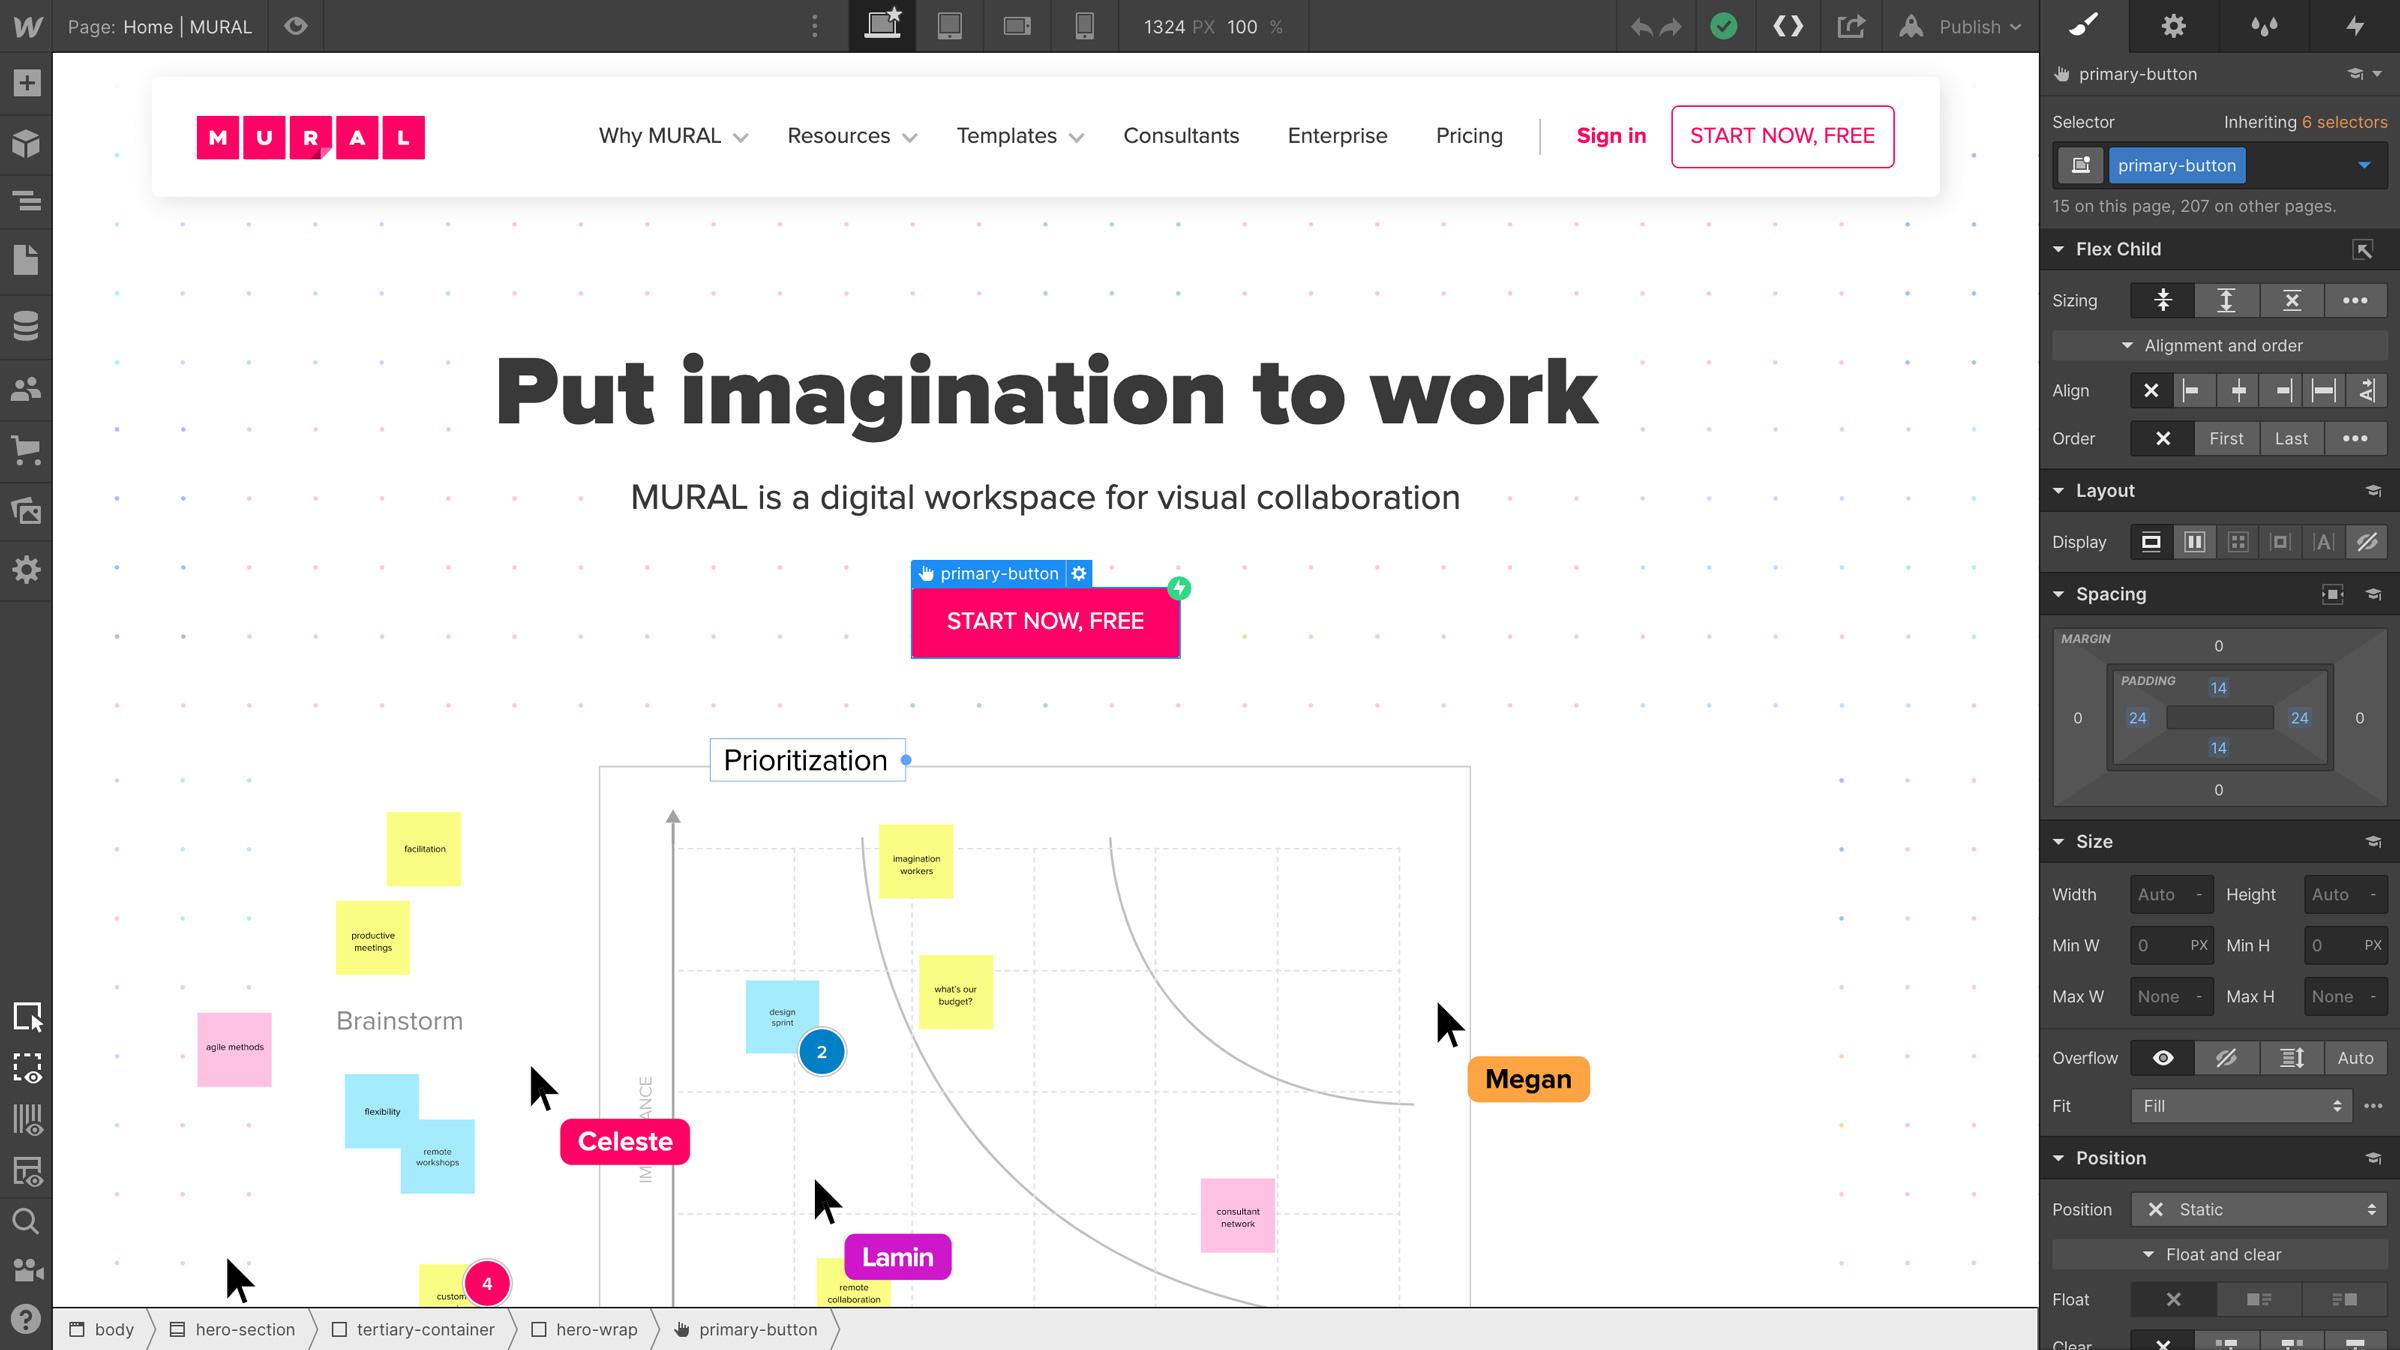 Mural's homepage in the Webflow Designer.